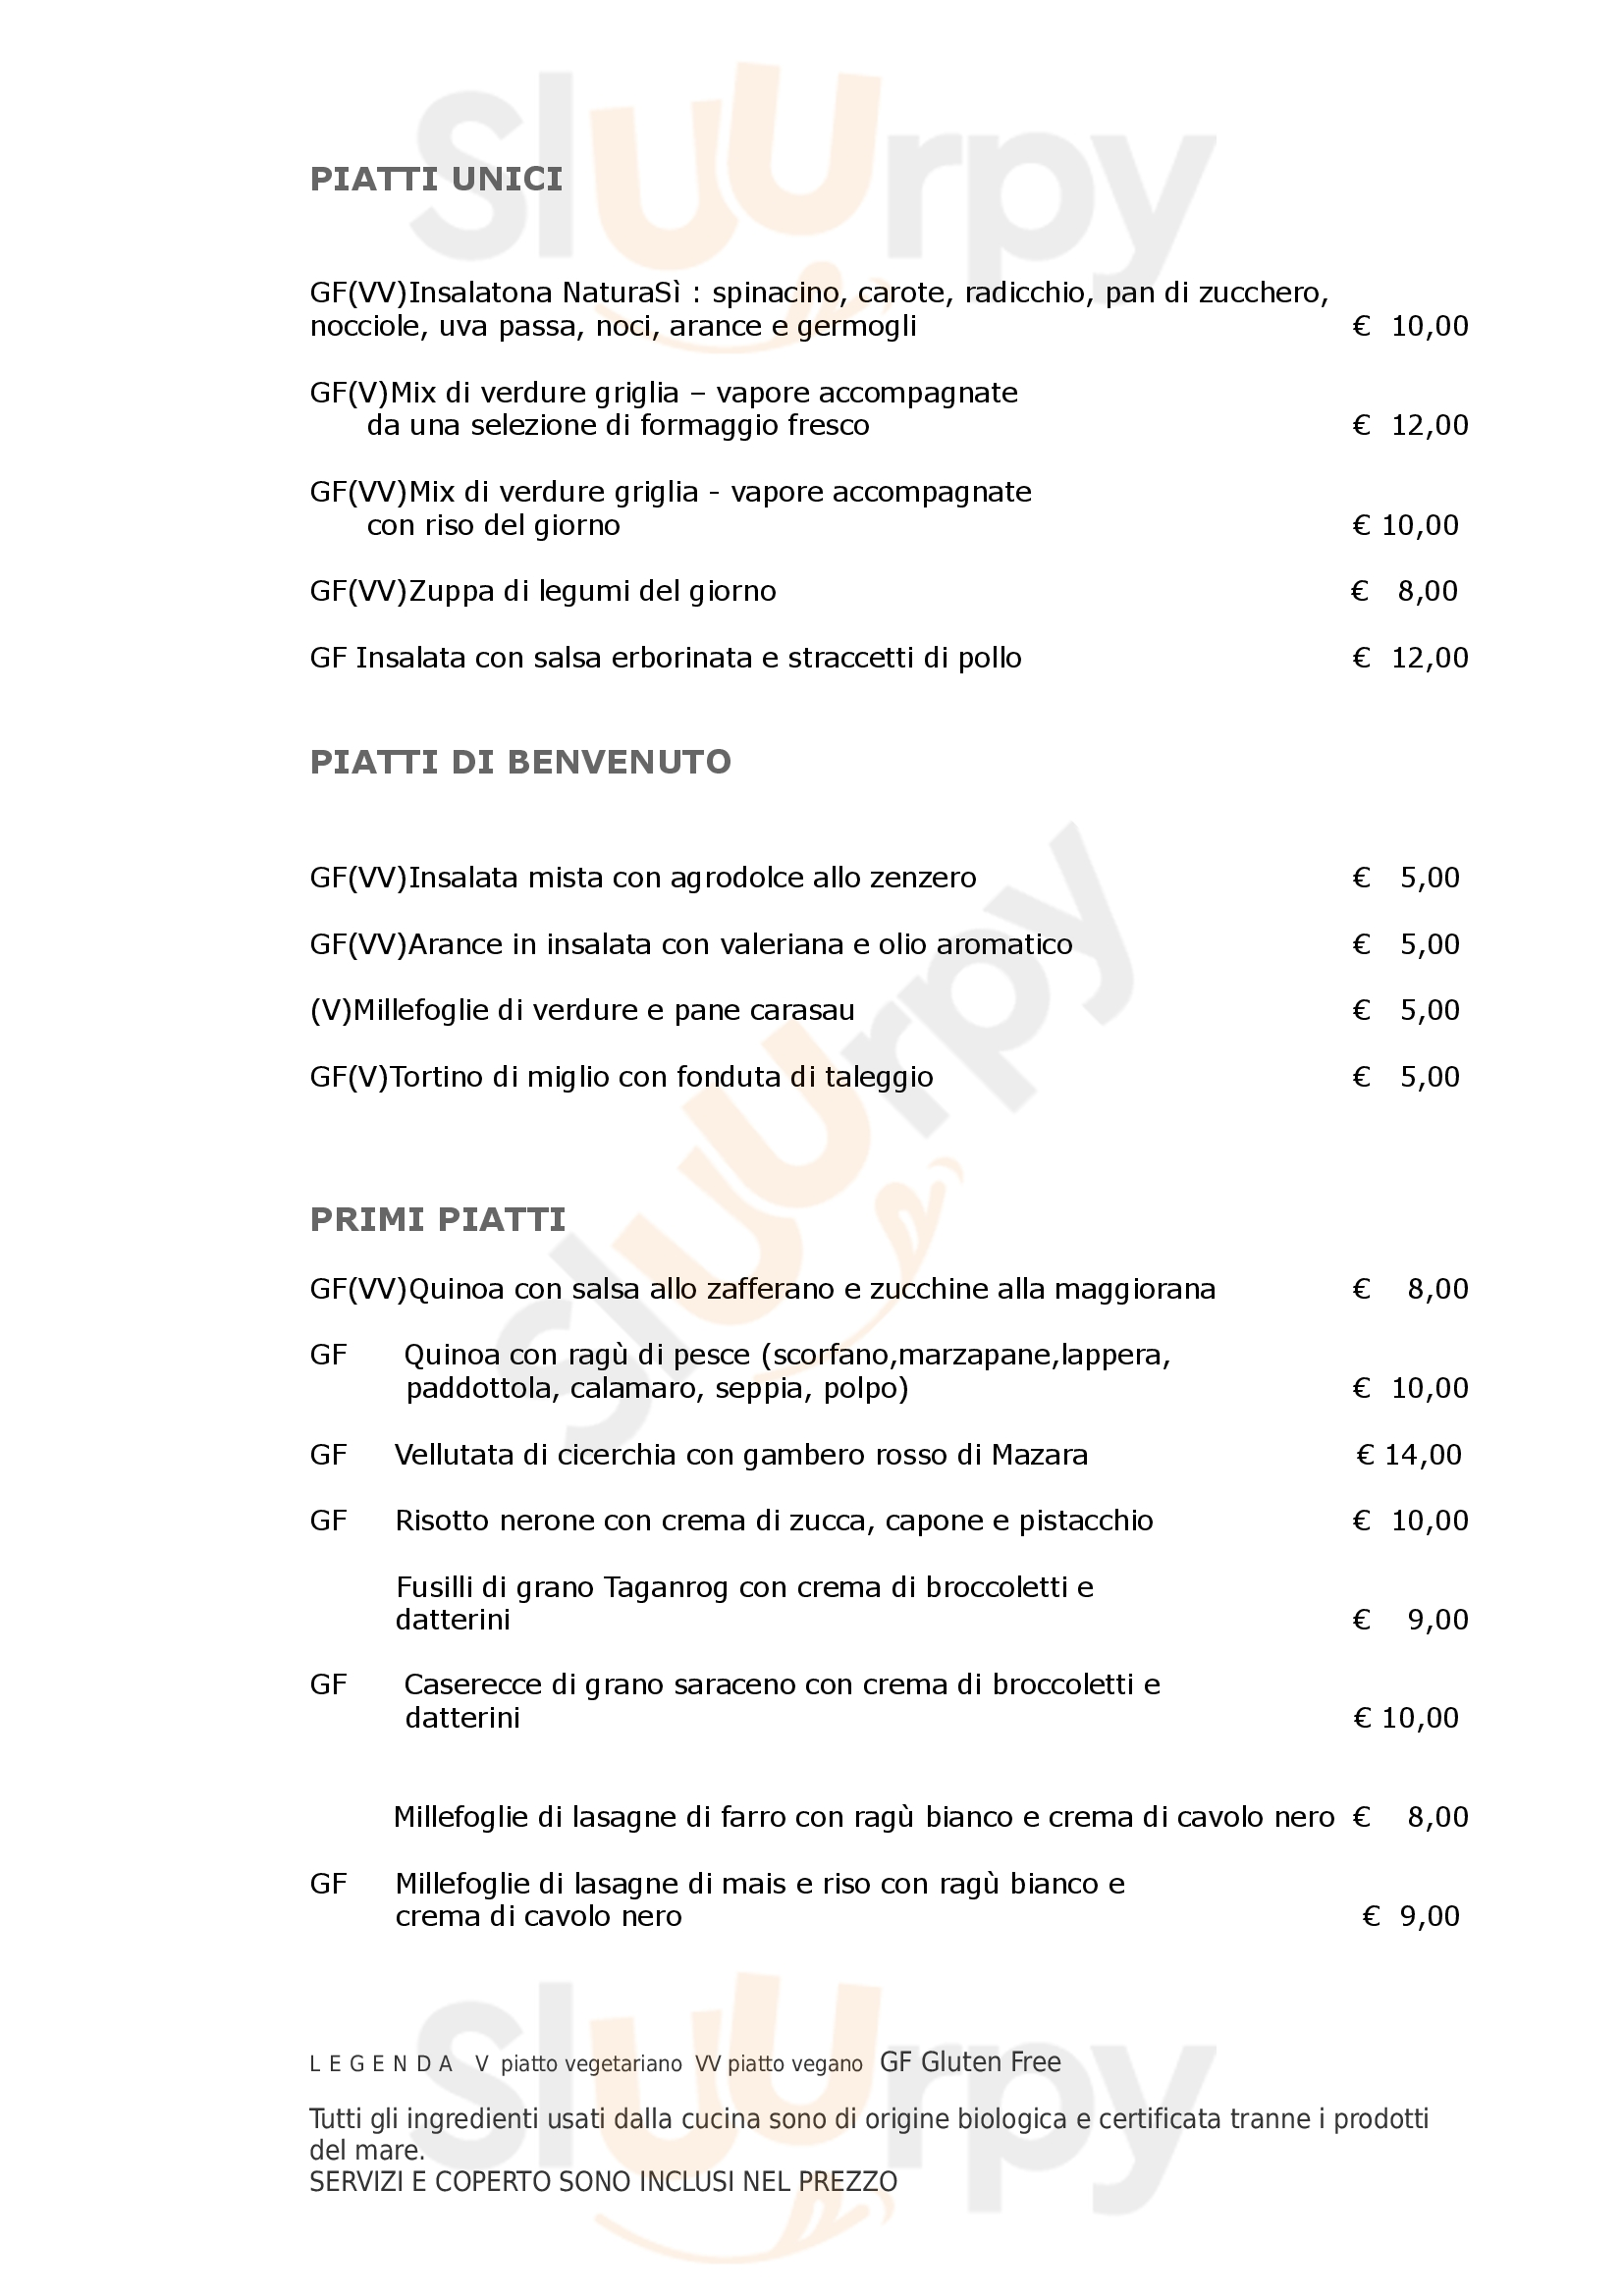 NaturaSì Cucina biologica Catania Catania menù 1 pagina